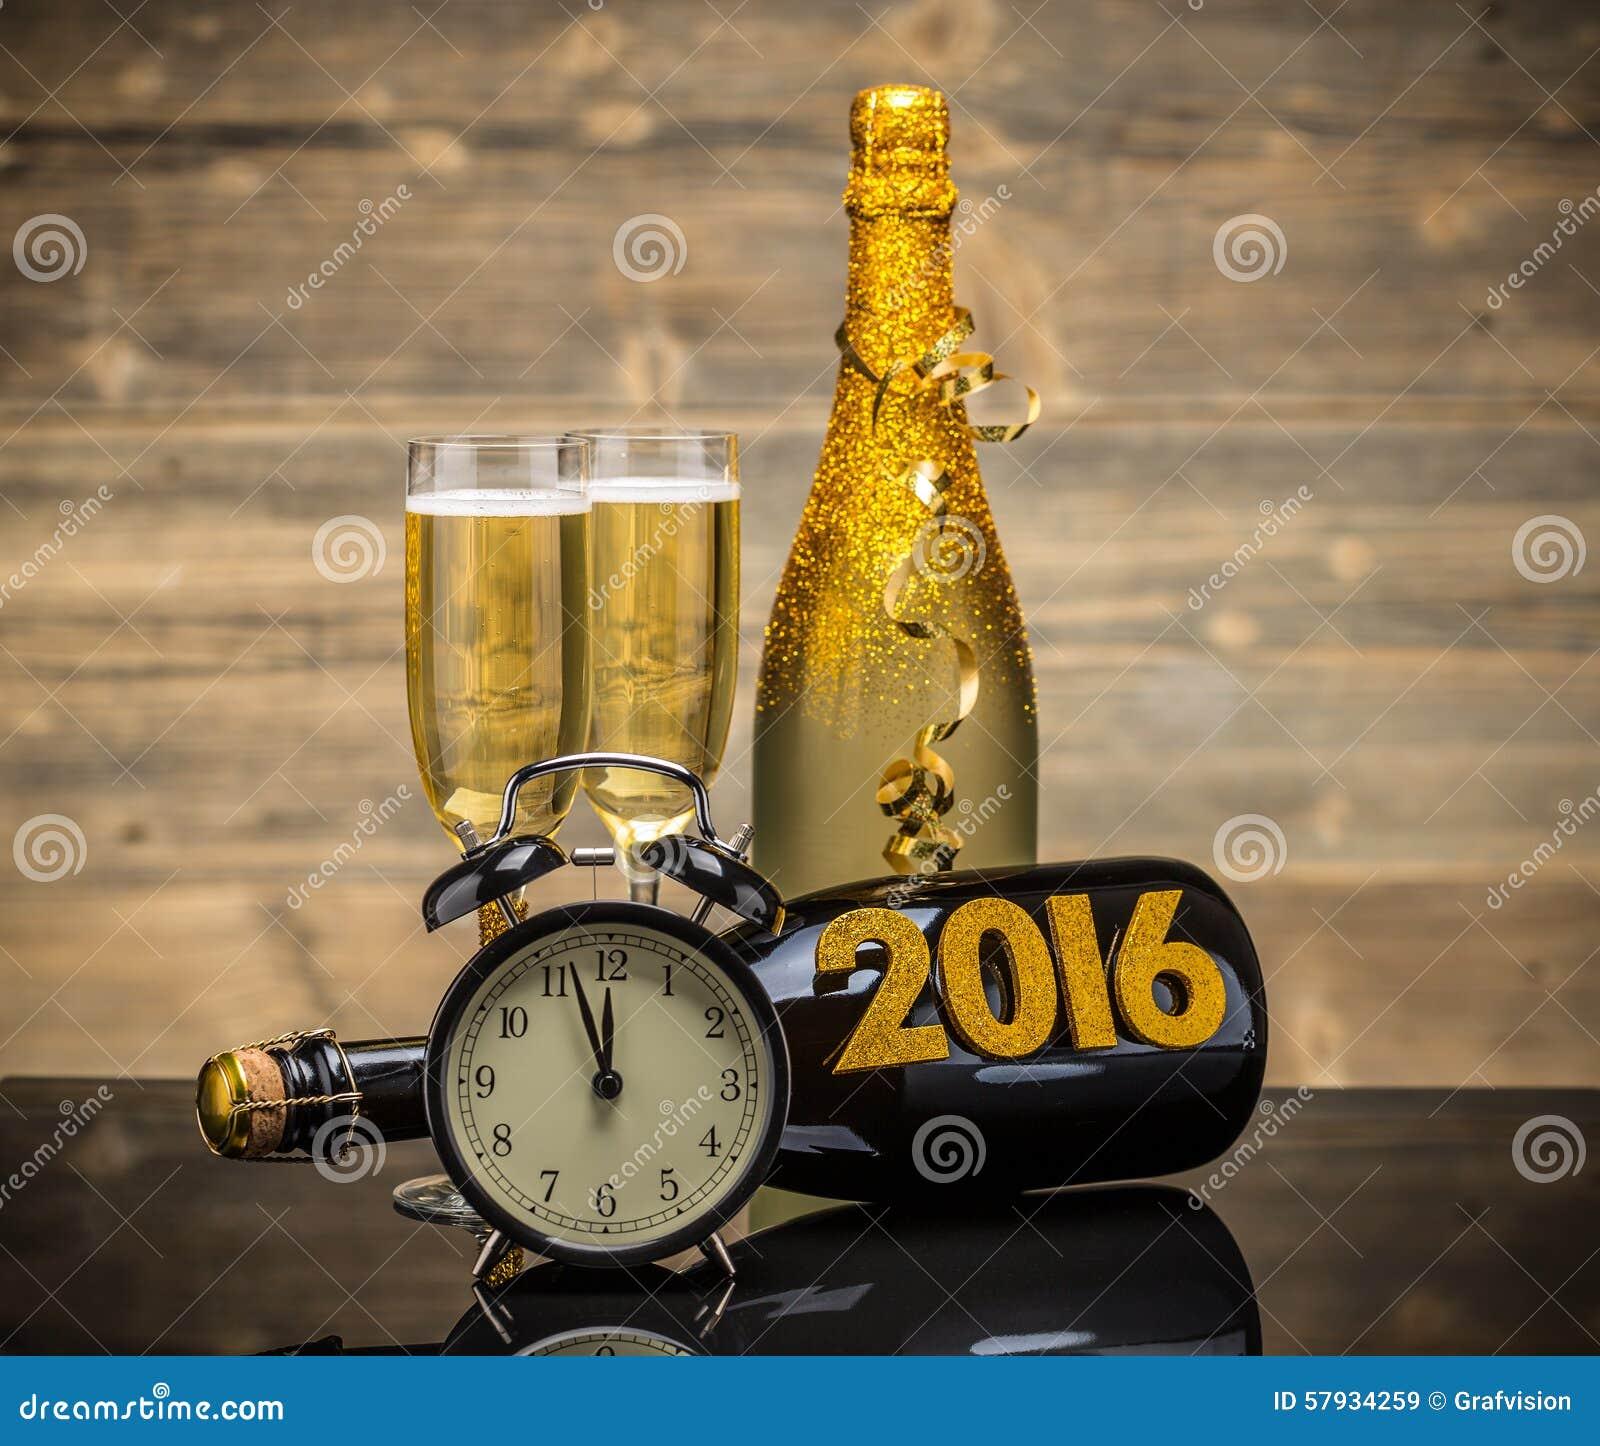 2016 New Years Eve celebration background.